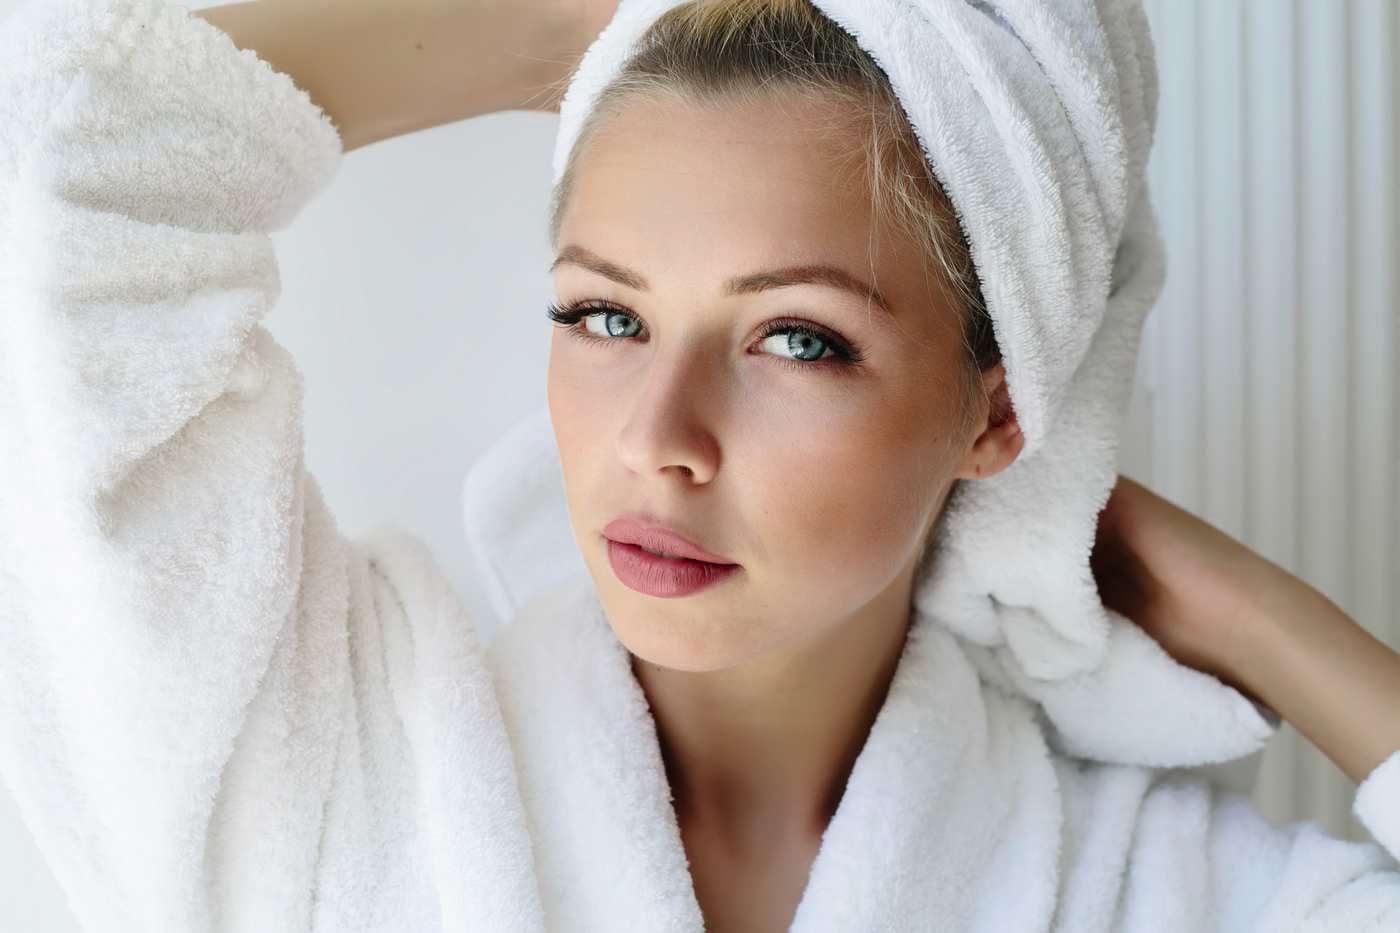 Măști naturale pentru părul gras, care hidratează fără să încarce